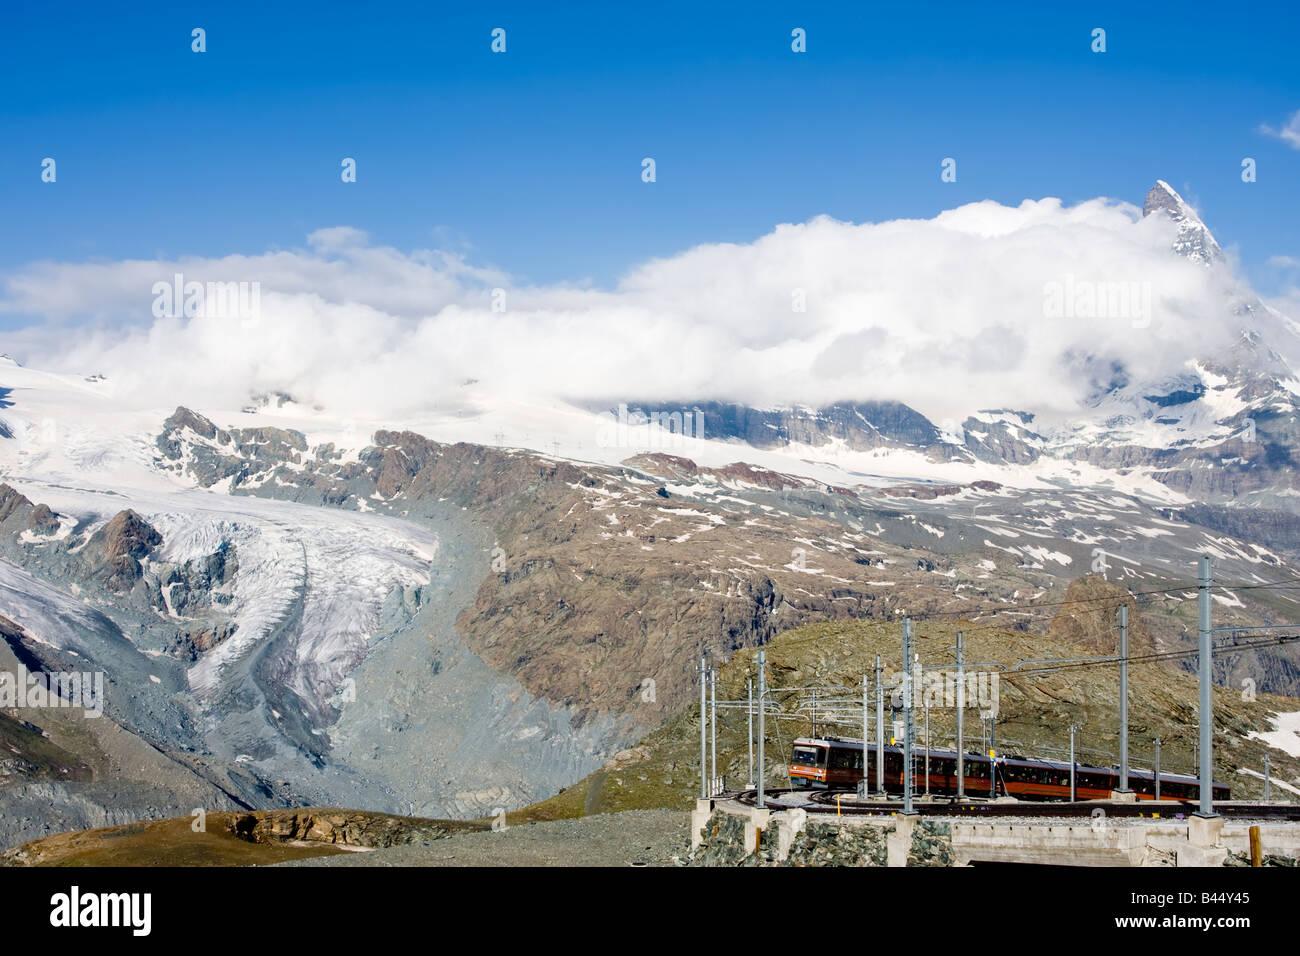 Gornergrat cogwheel Train in front of Matterhorn and glacier - Stock Image